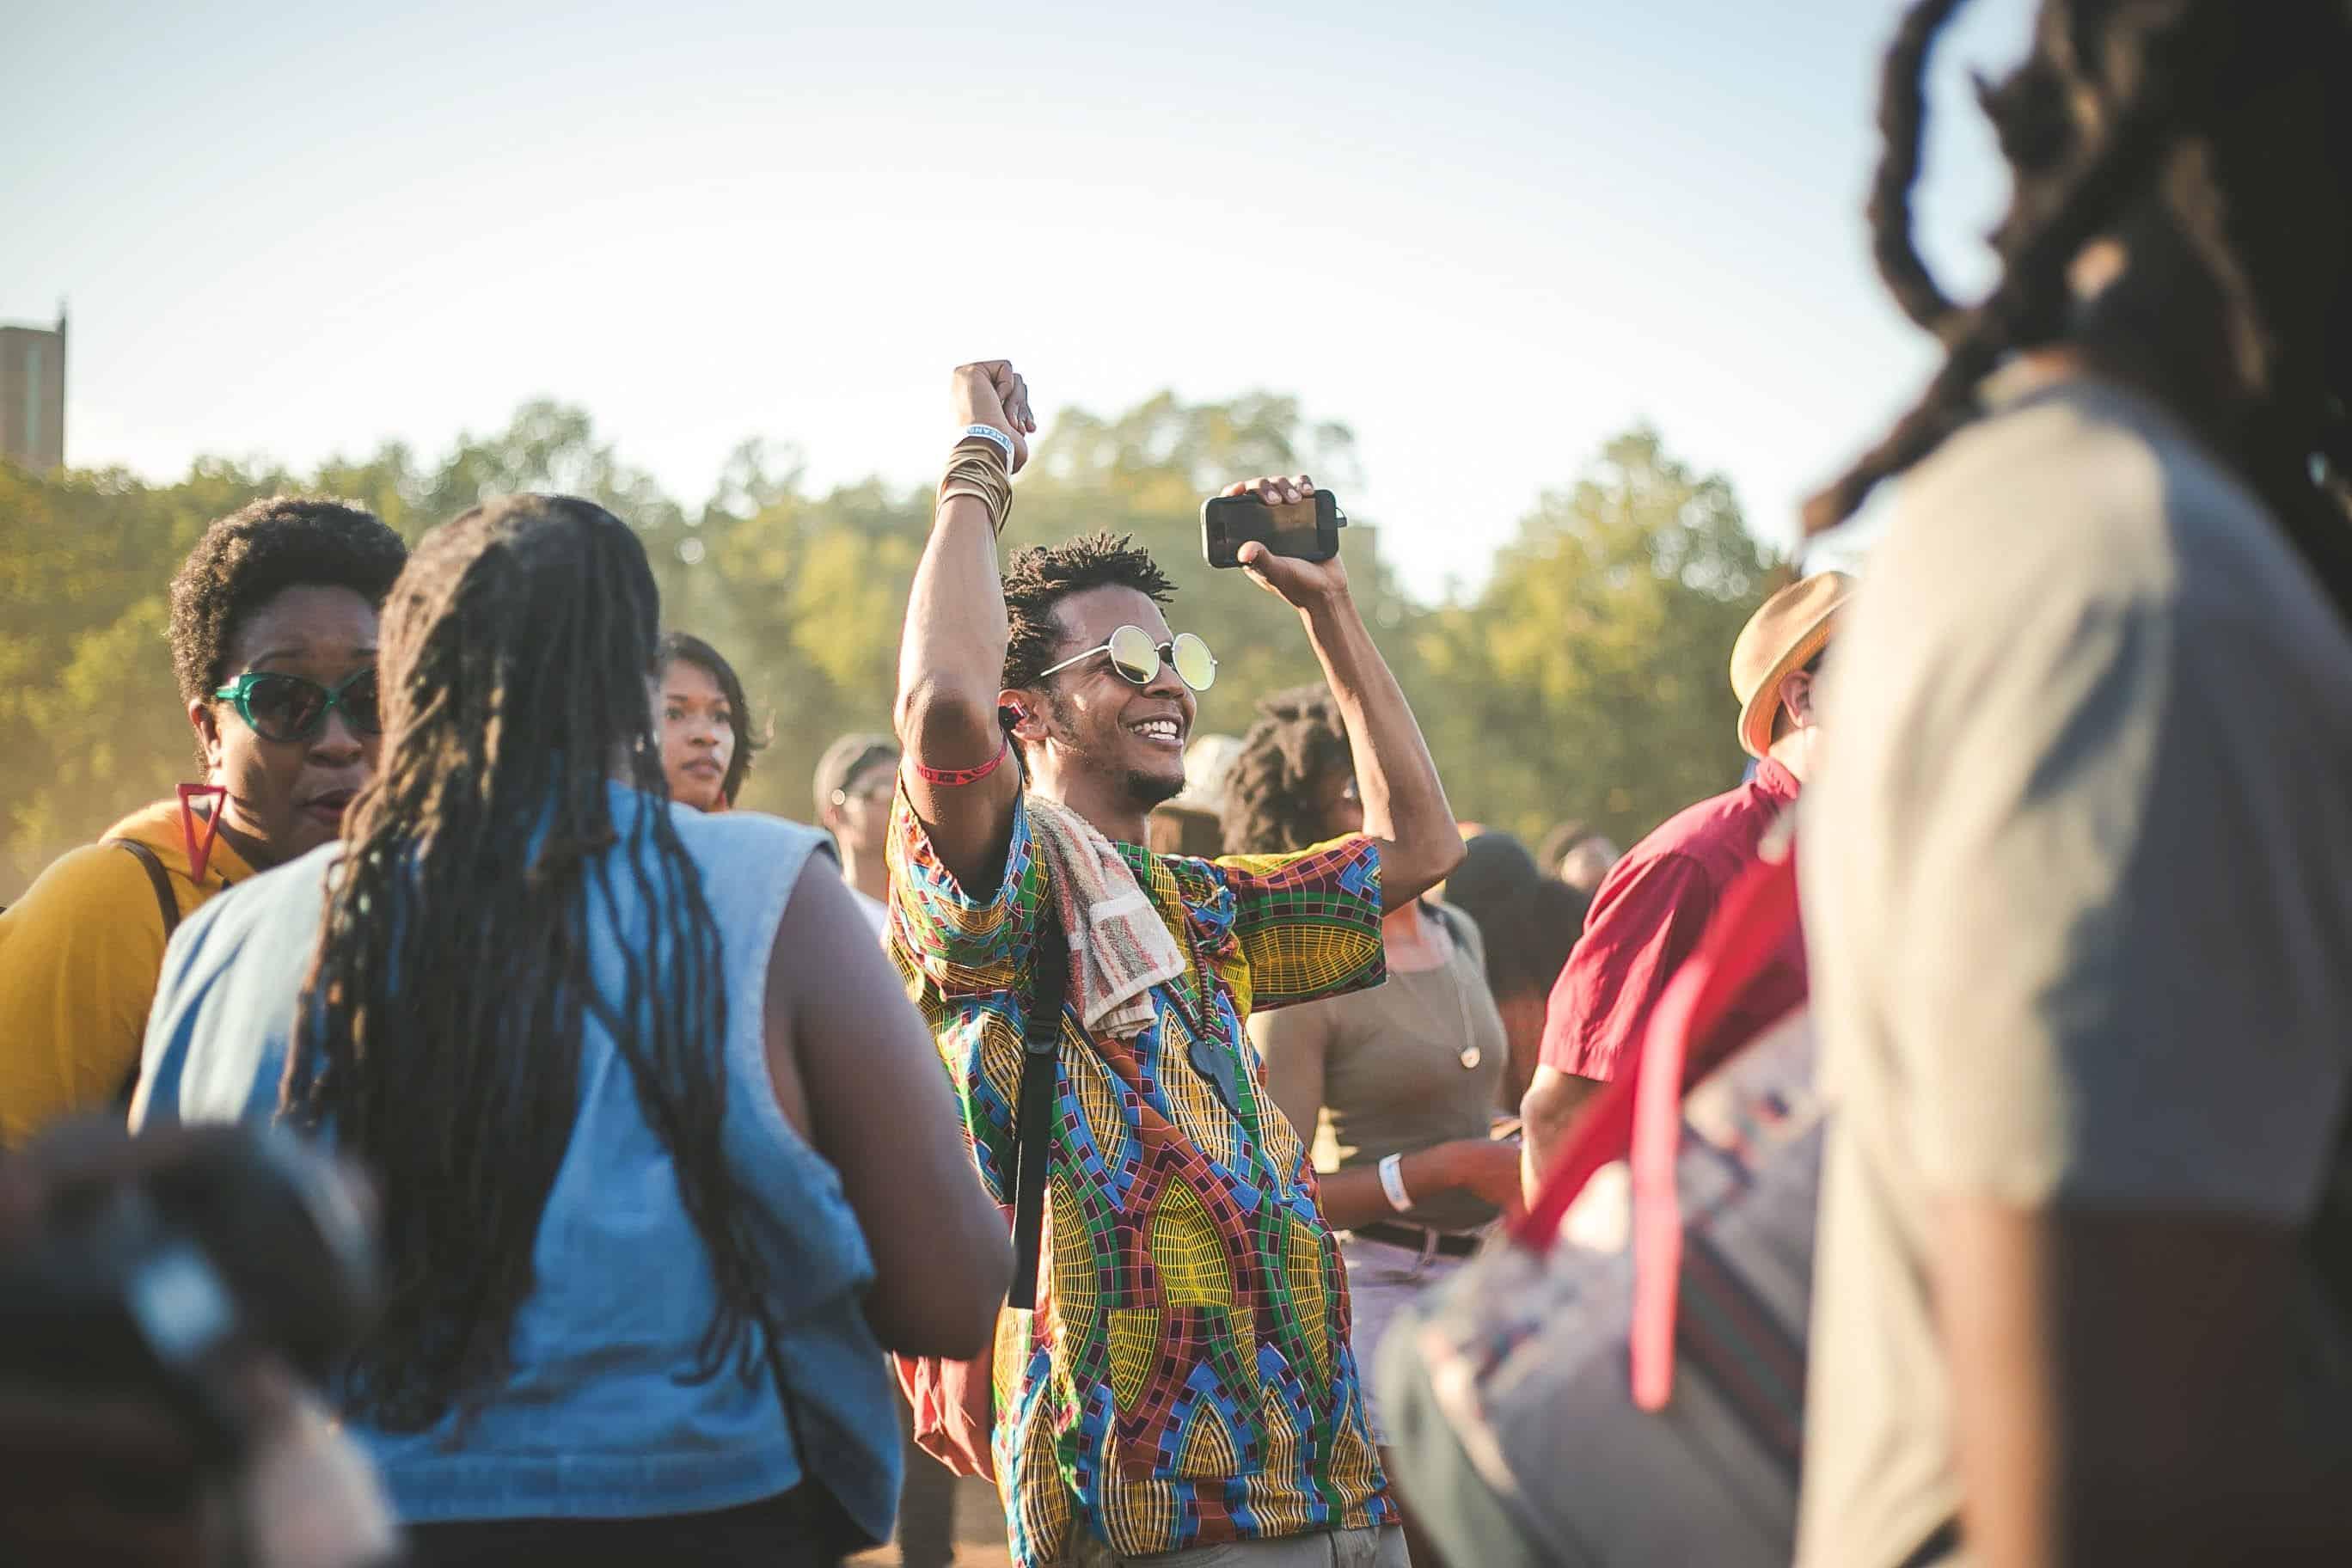 Dancing Concert Festival